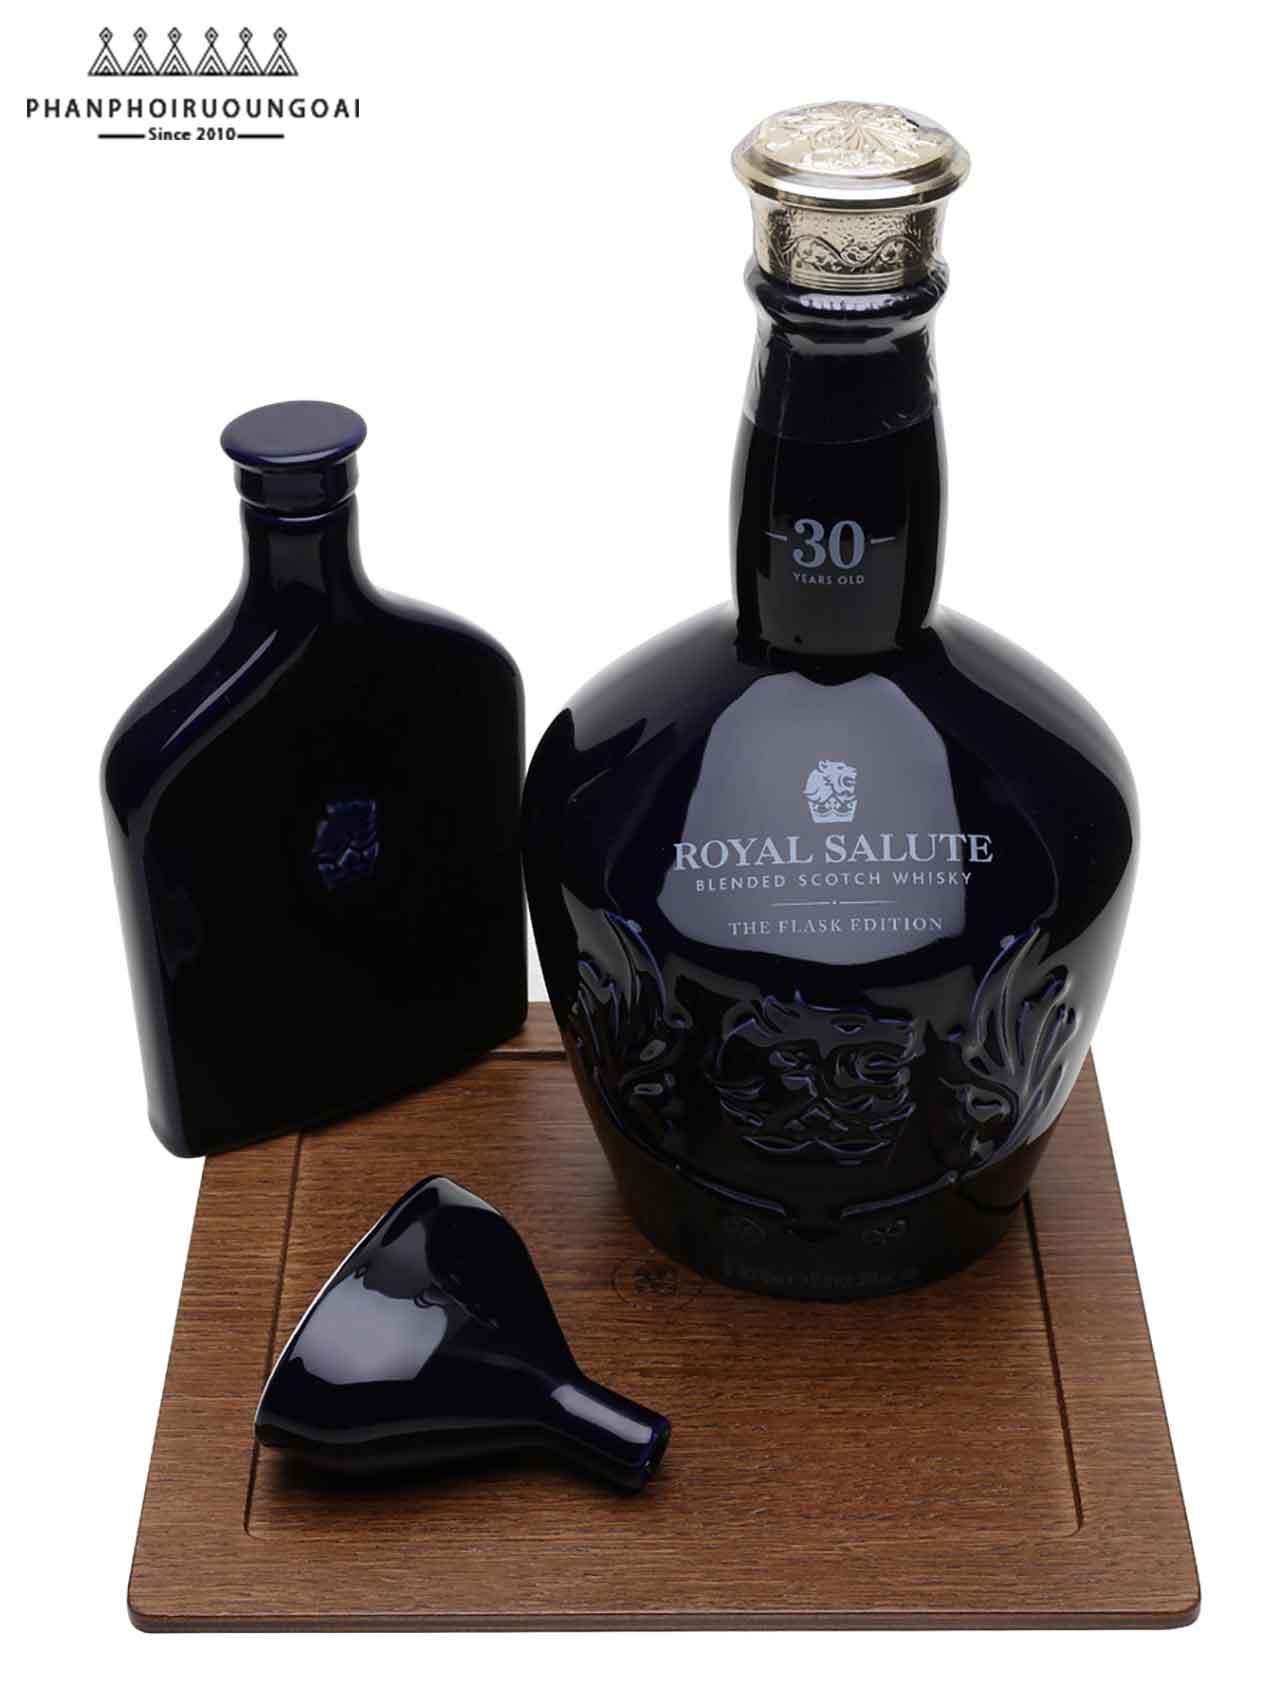 Vật phẩm có trong hộp rượu Royal Salute 30 năm